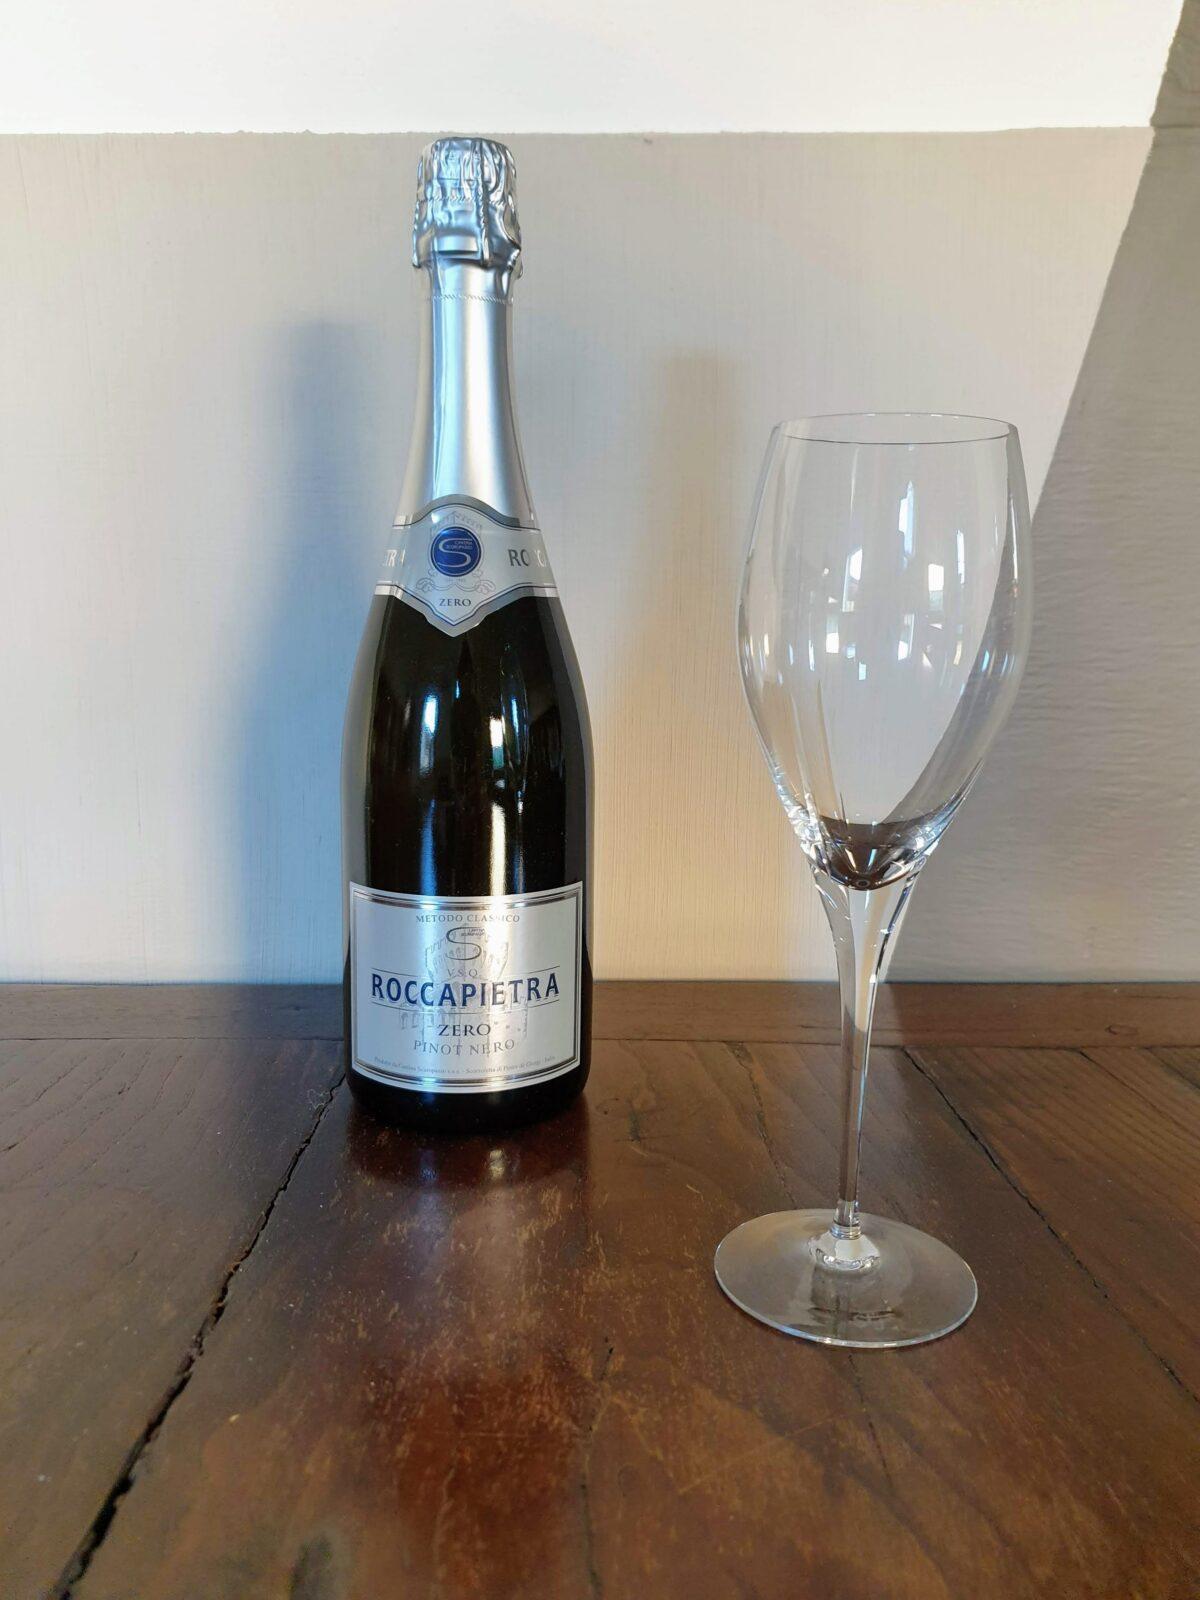 Bottiglia di Roccapietra Zero Cantina Scuropasso con bicchiere Matrona